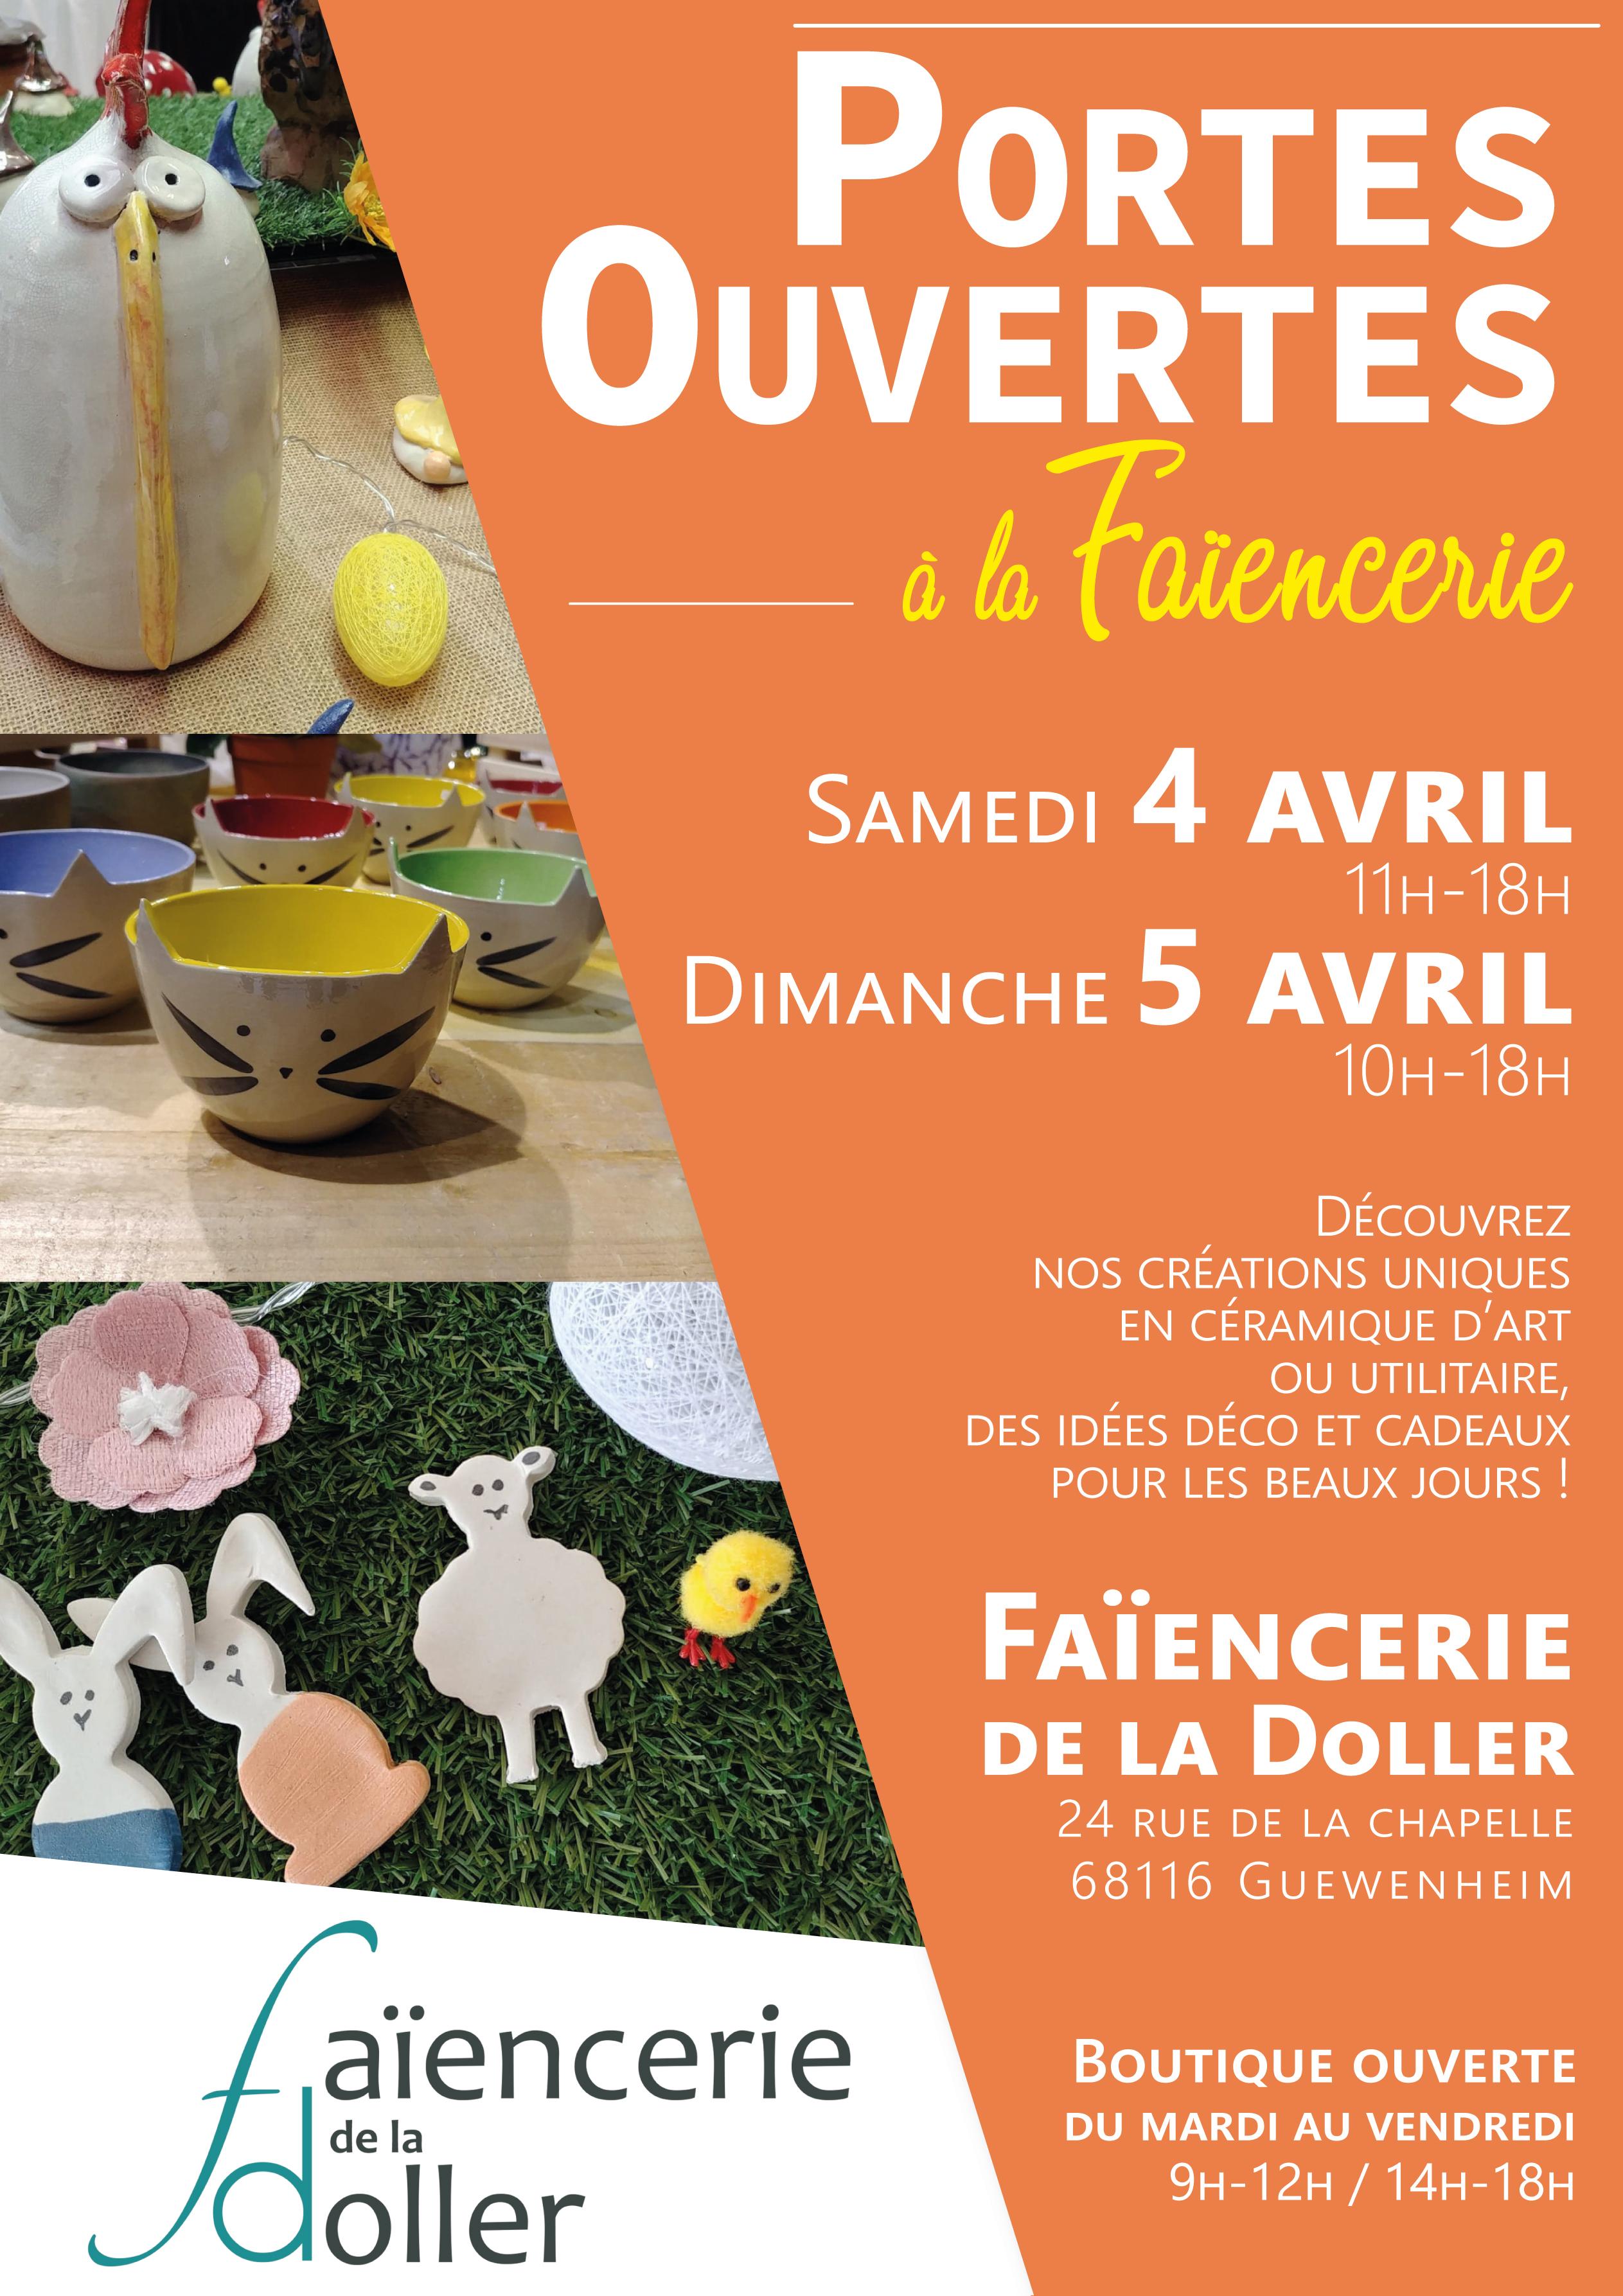 Portes ouvertes les 4 et 5 avril à la Faïencerie de la Doller